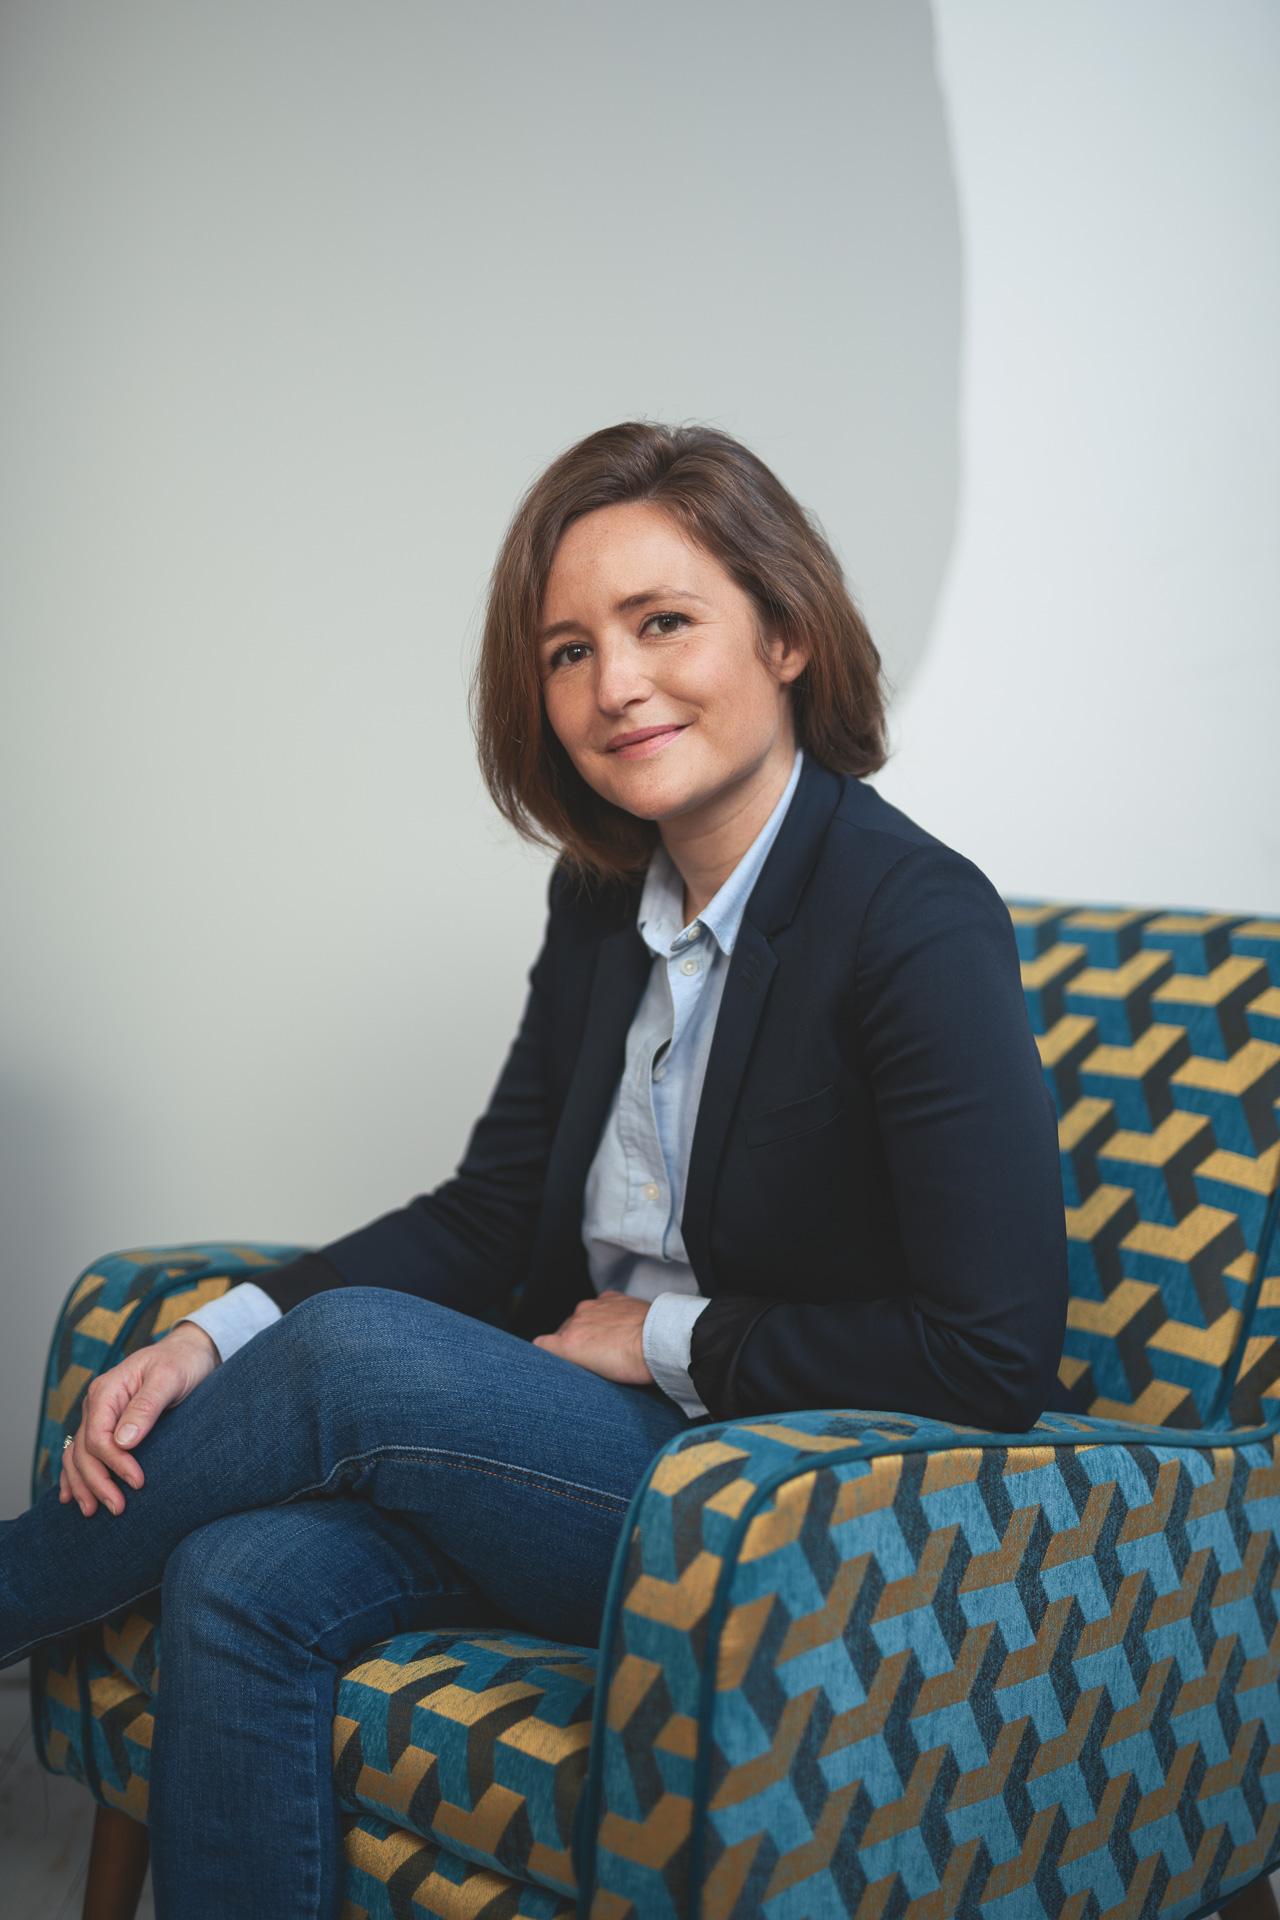 Aurélien AUDY Photographe LYON - portrait entreprise avocats (1)